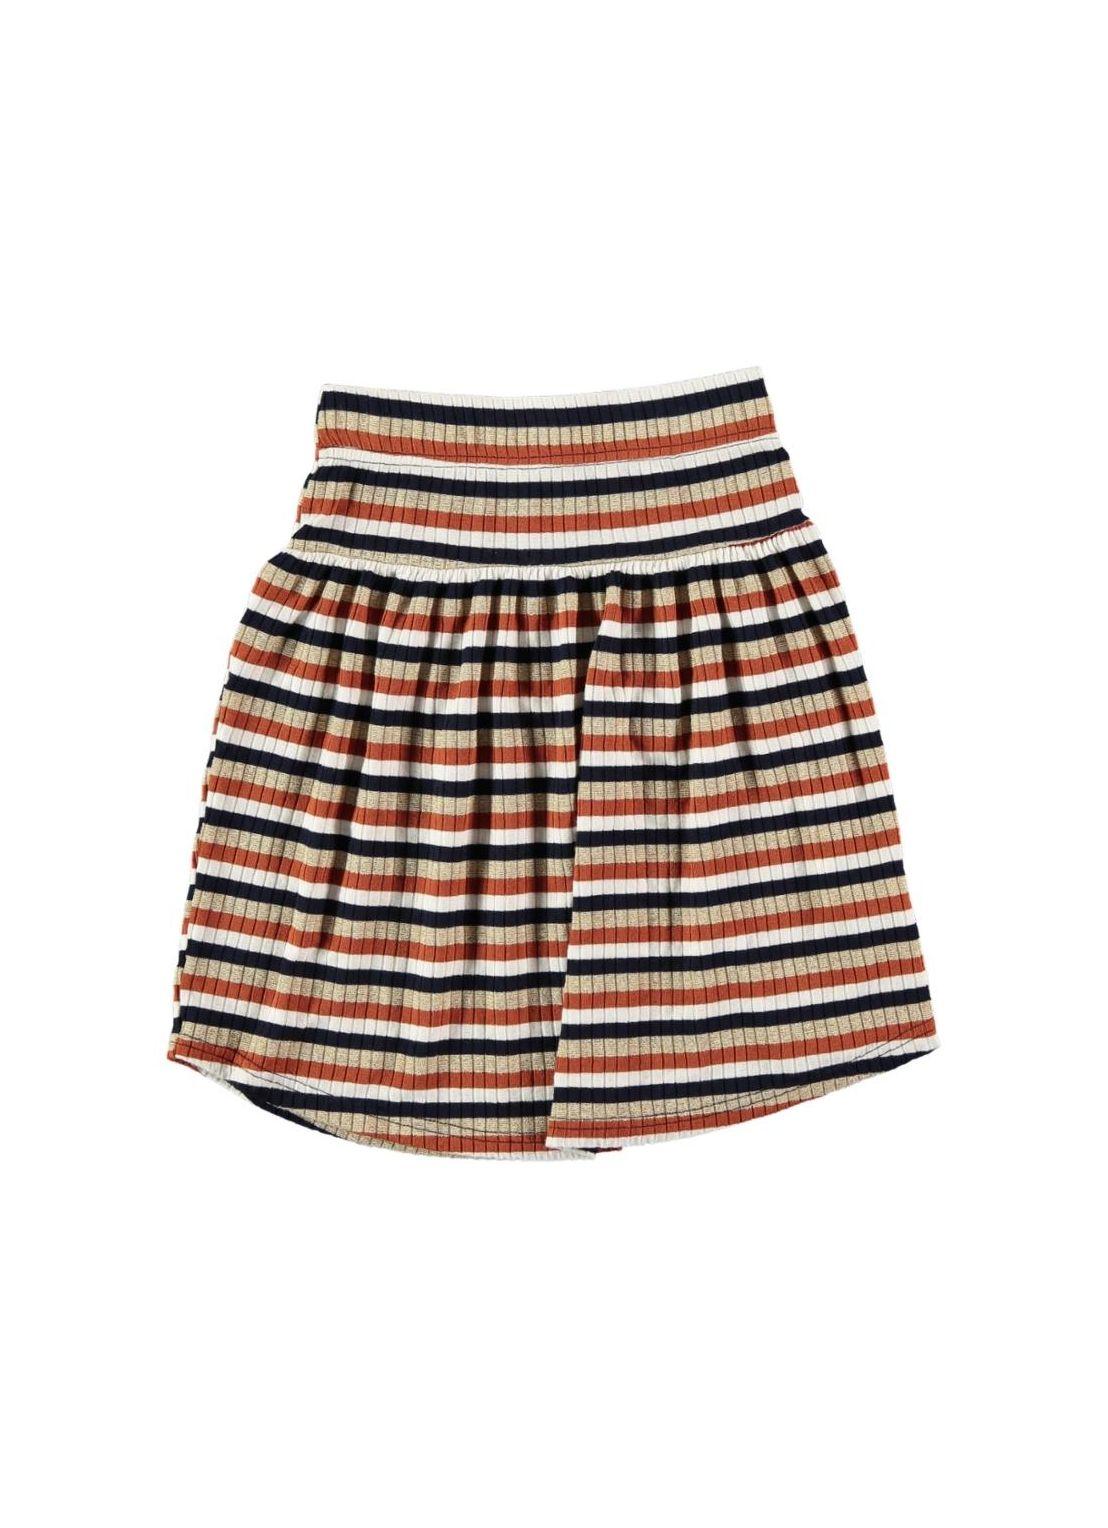 Kid SKIRT Girl- 85% VI 11% Lurex 4% Elastan - knitted